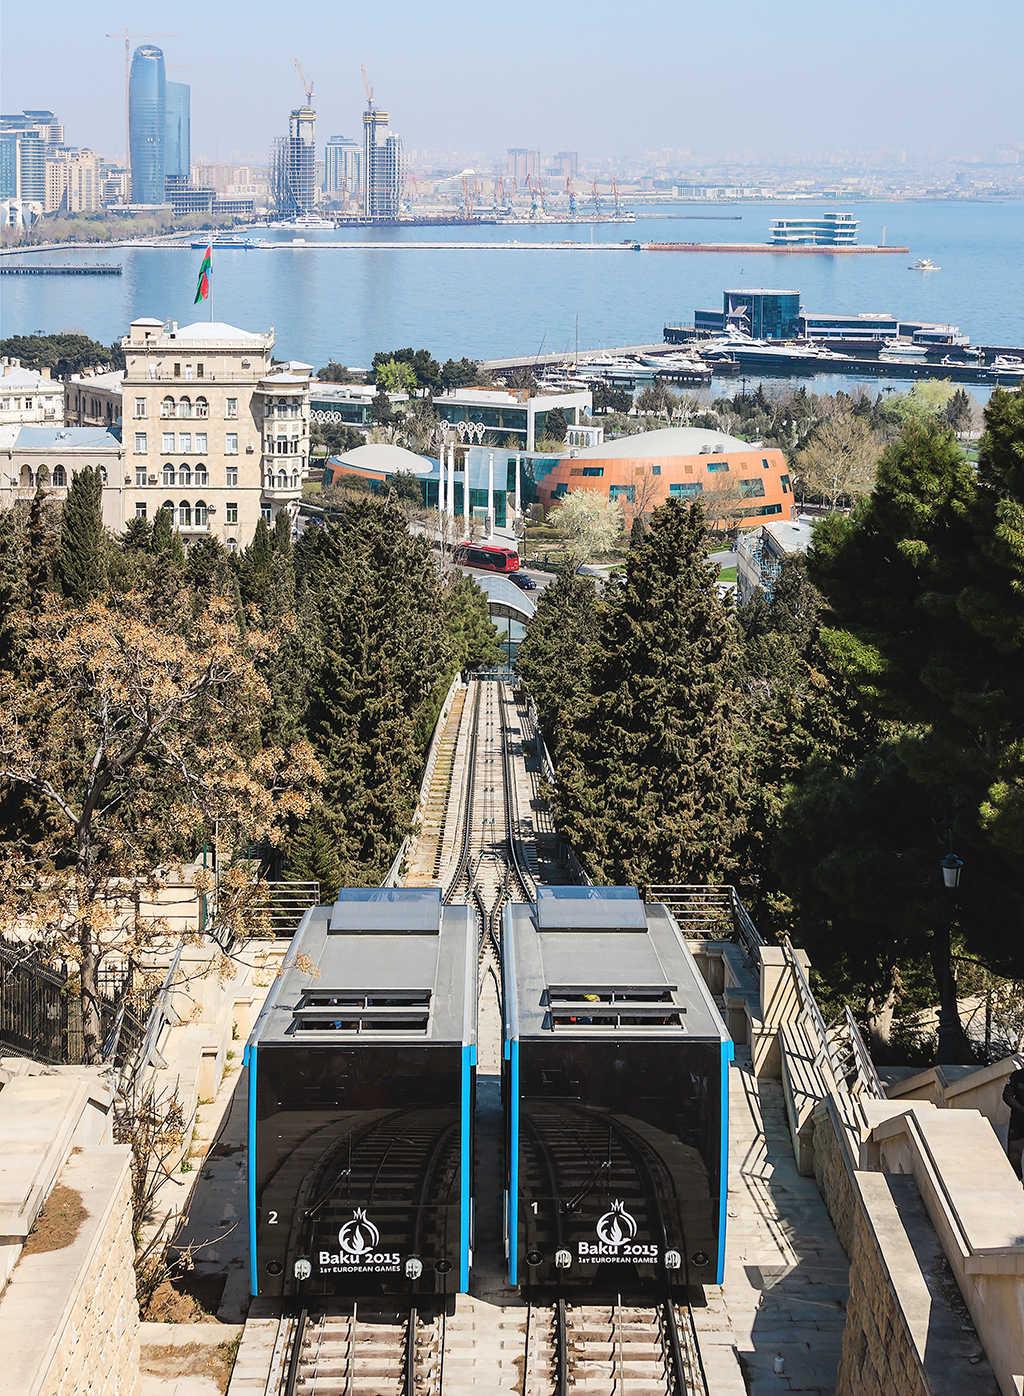 Отзывы туристов об отдыхе в Баку в Азербайджане